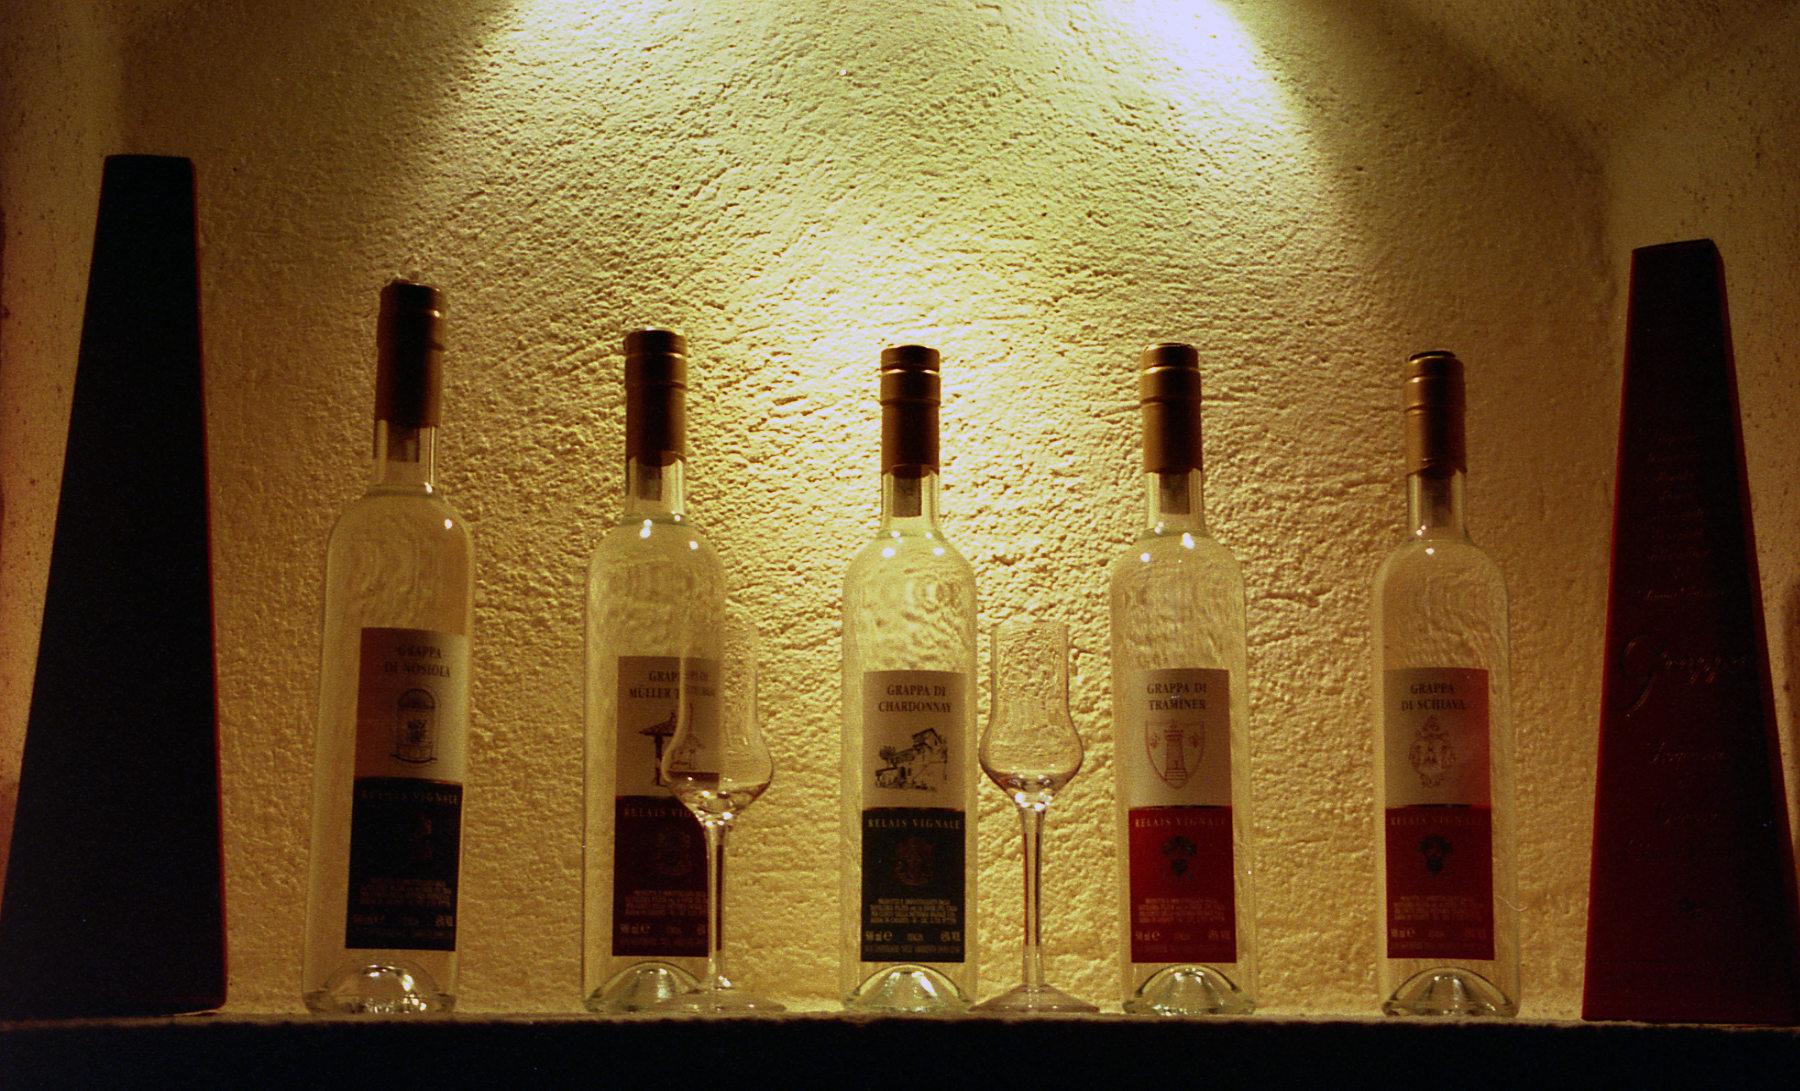 Wine bottles in restaurant